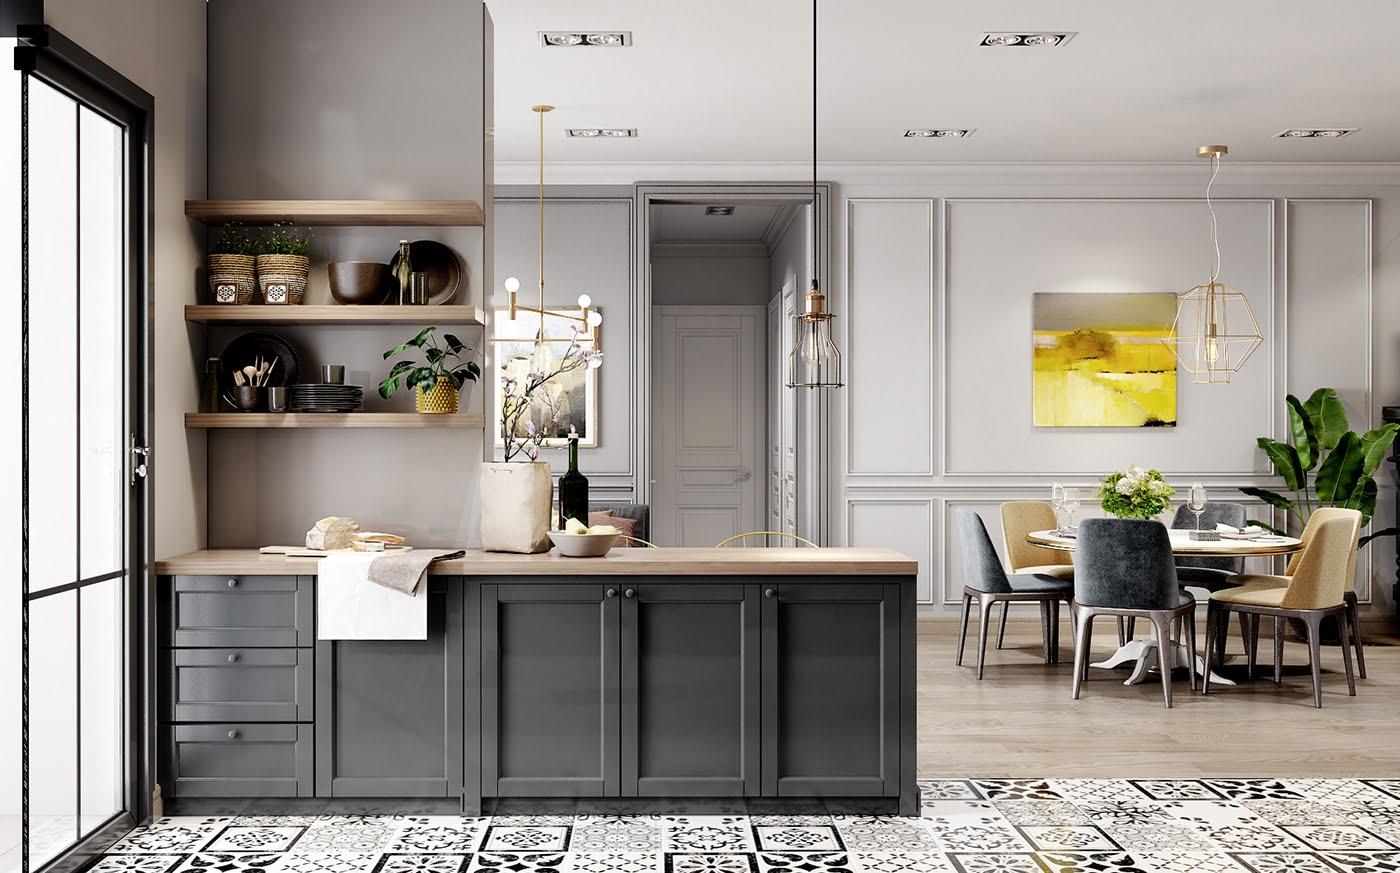 tư vấn thiết kế nội thất chung cư 4